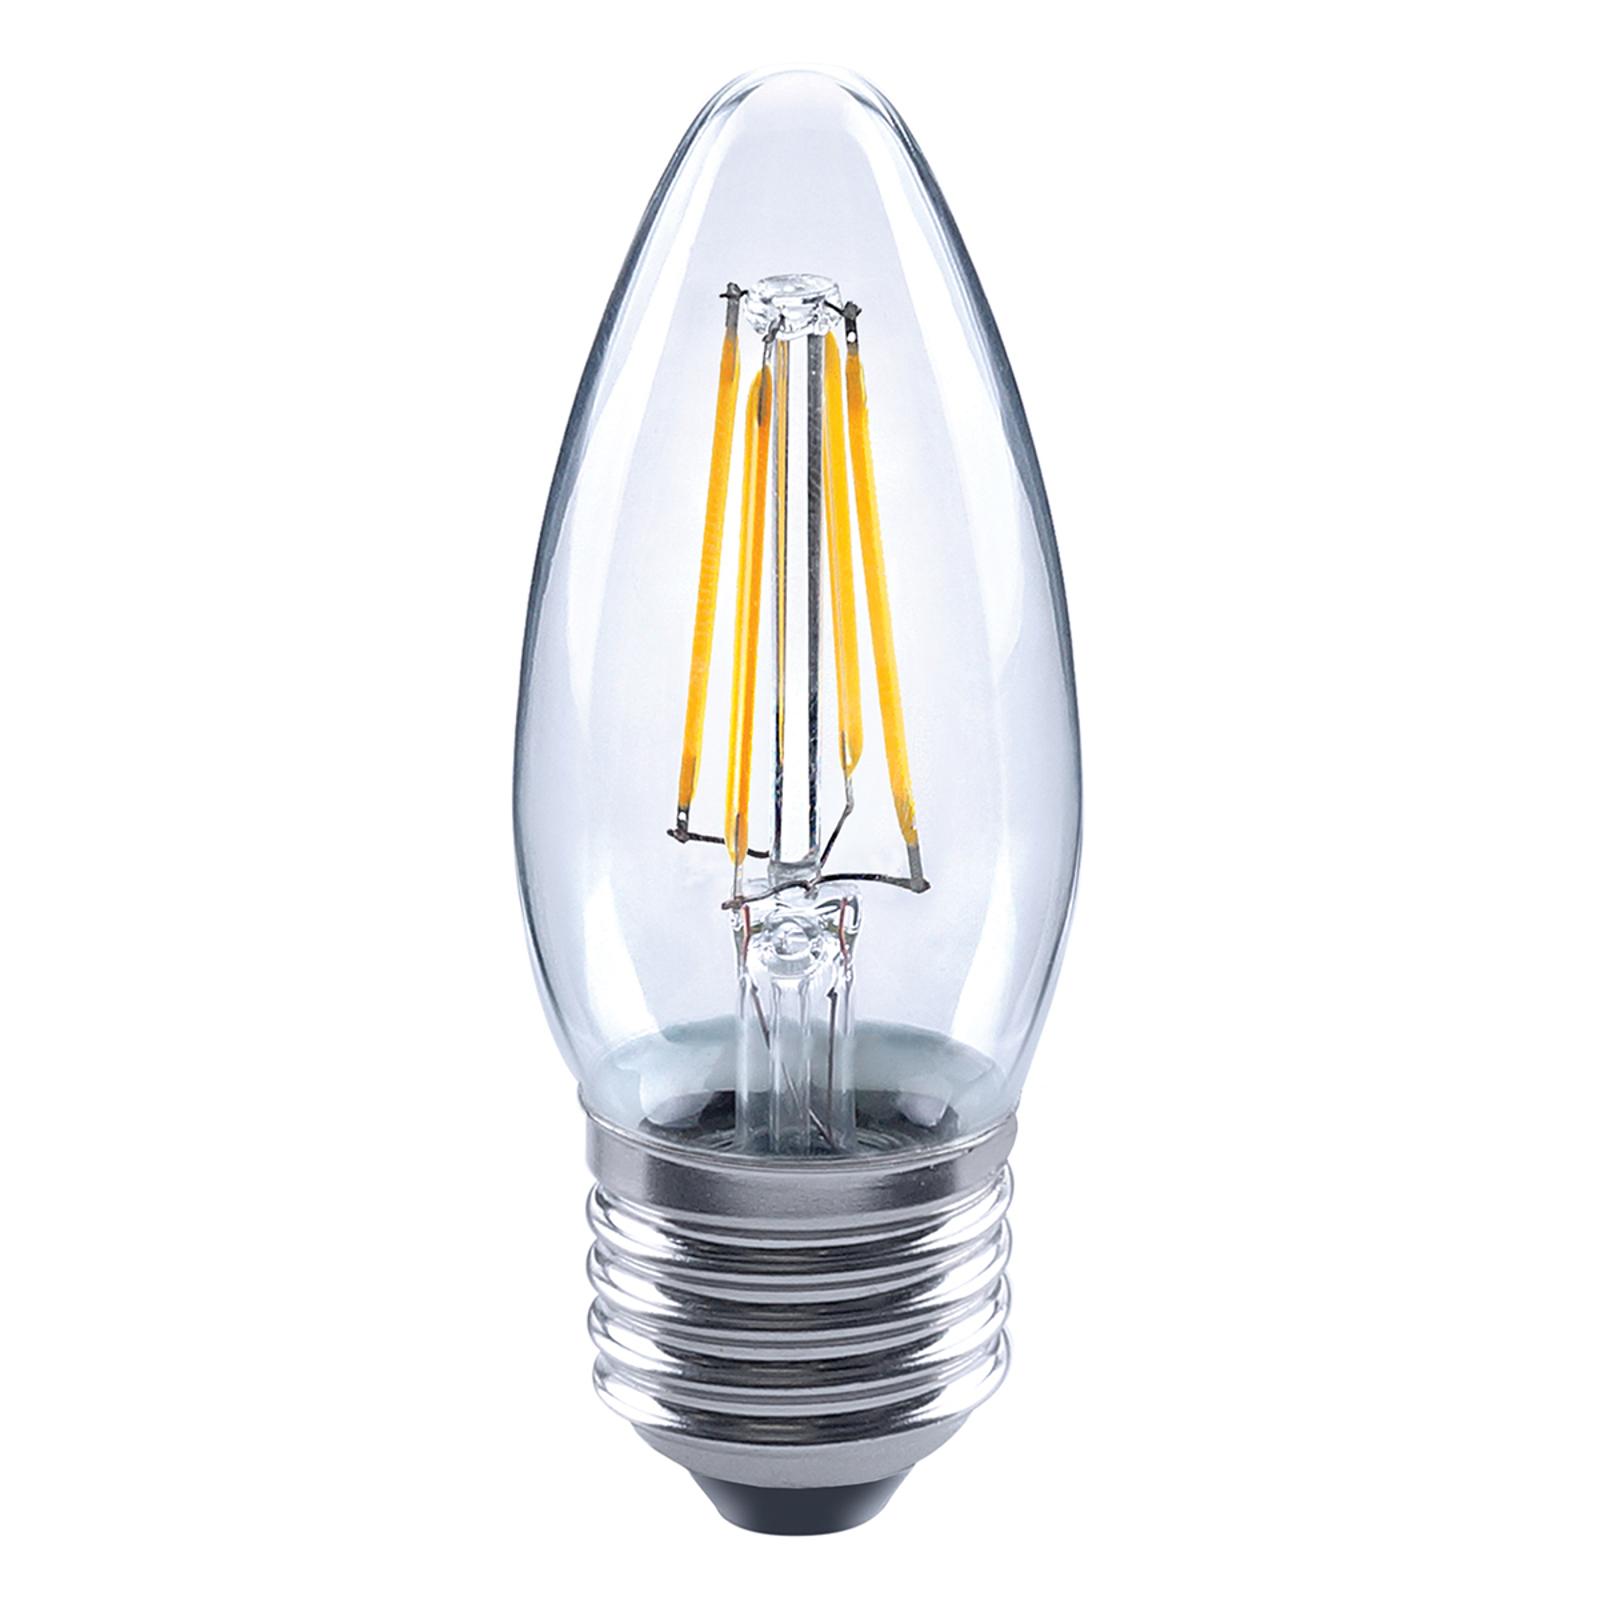 LED-Kerzenlampe E27 4,5W 827 Filament klar